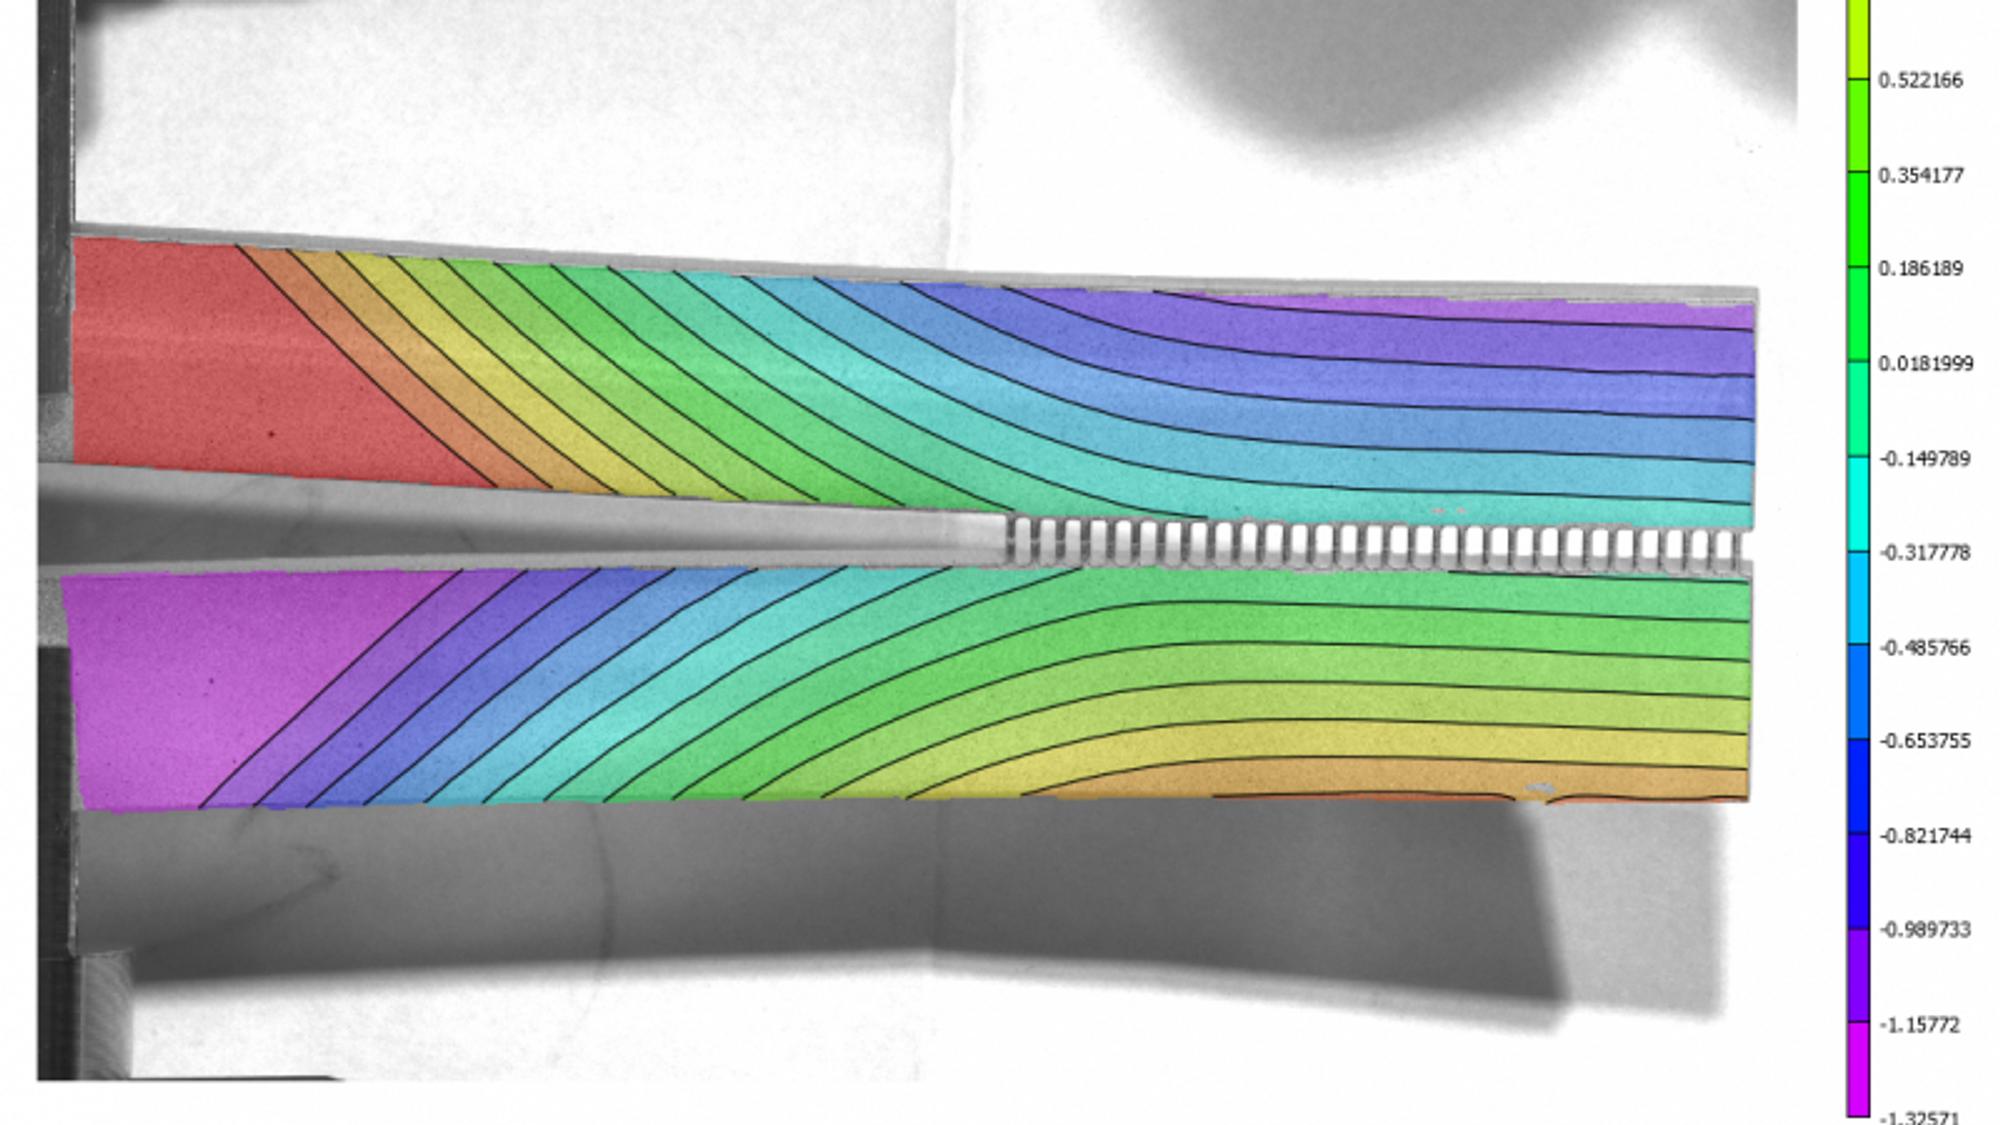 Ved å skjære et geometrisk mønster ned i glass kan man endre materialets egenskaper betydelig, viser ny forskning.